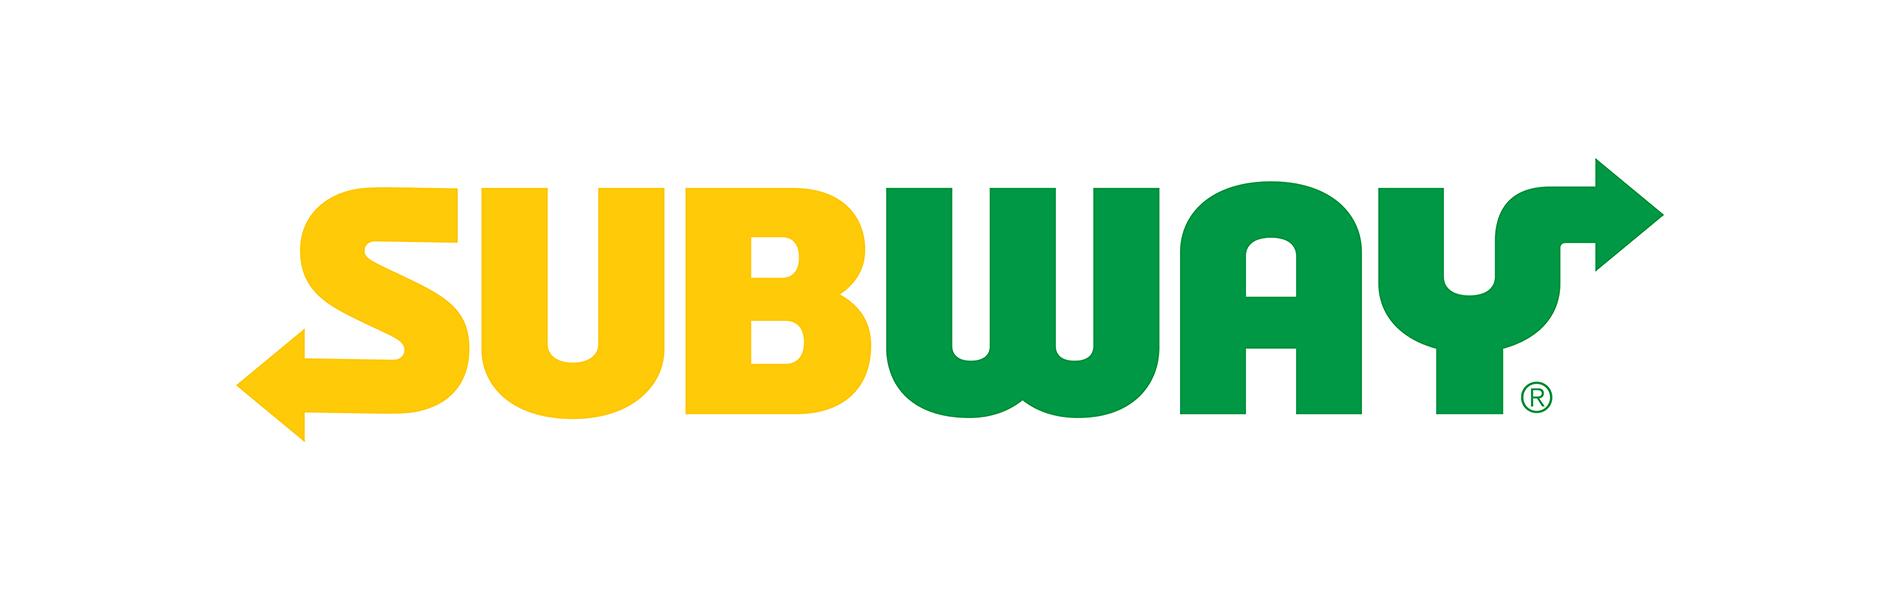 Subway (Danforth)